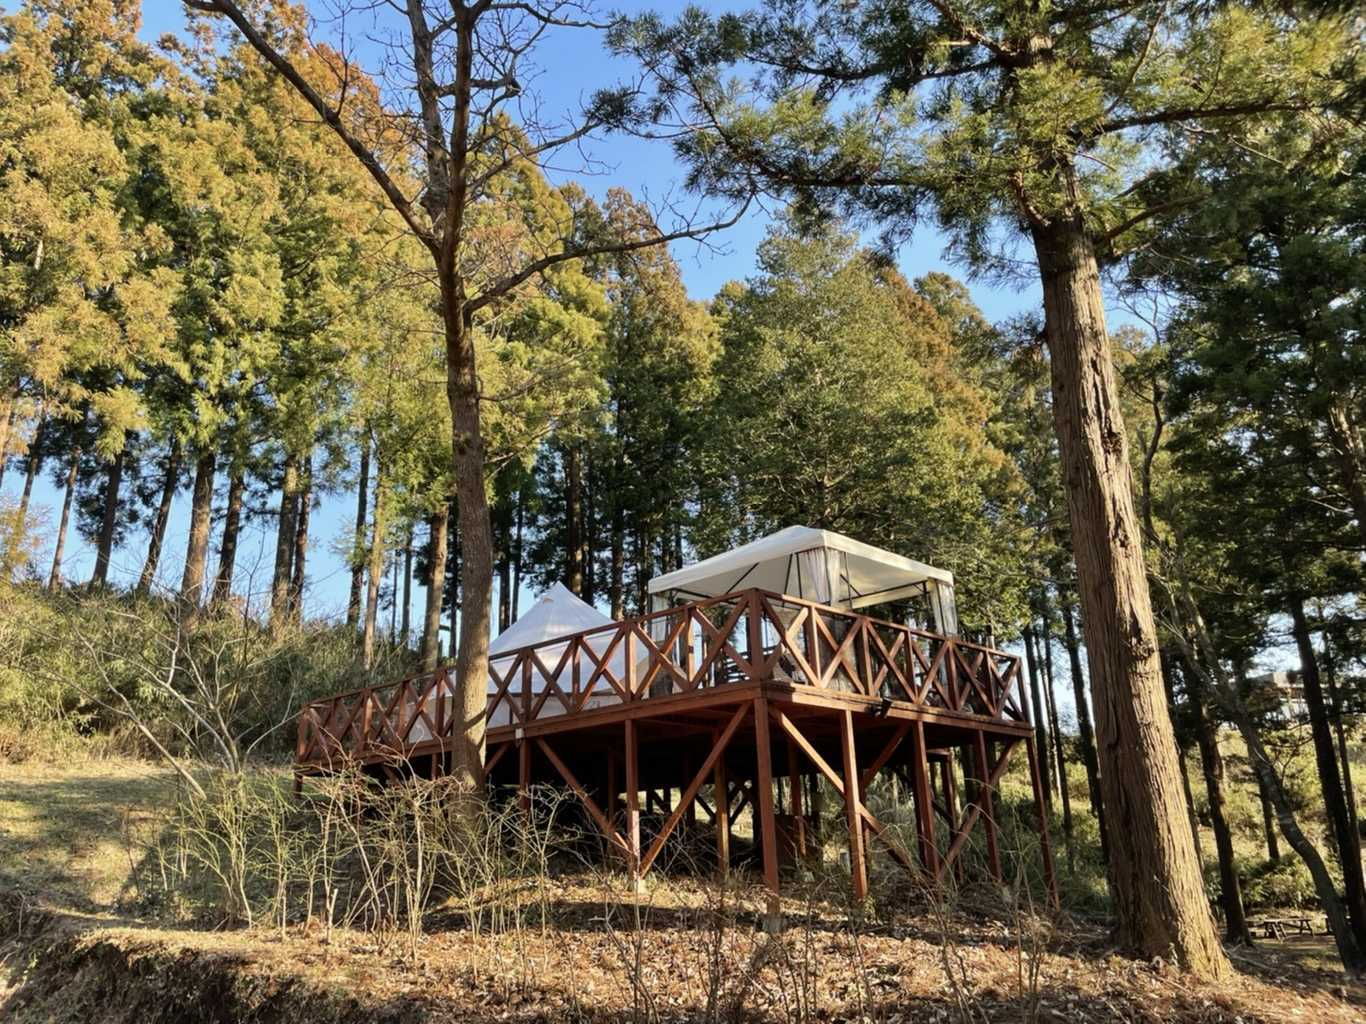 【CAMPフォレスト】森の中に1日1組だけのプライベートサイトで過ごす豪華なキャンプ!! 画像